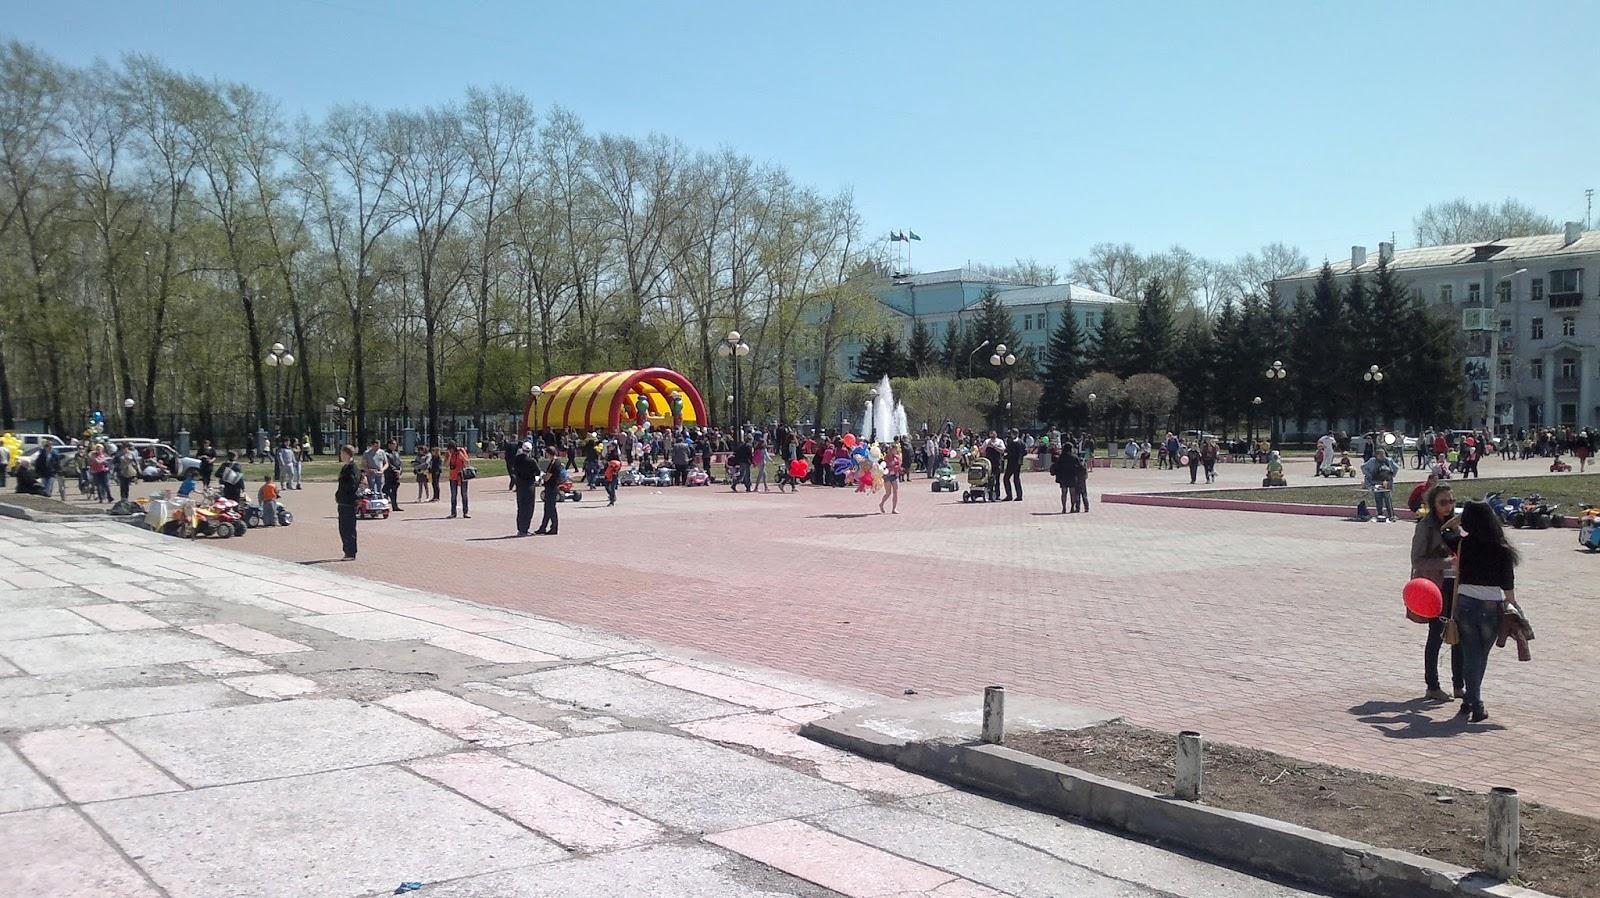 Площадь около дворца культуры судостроителей